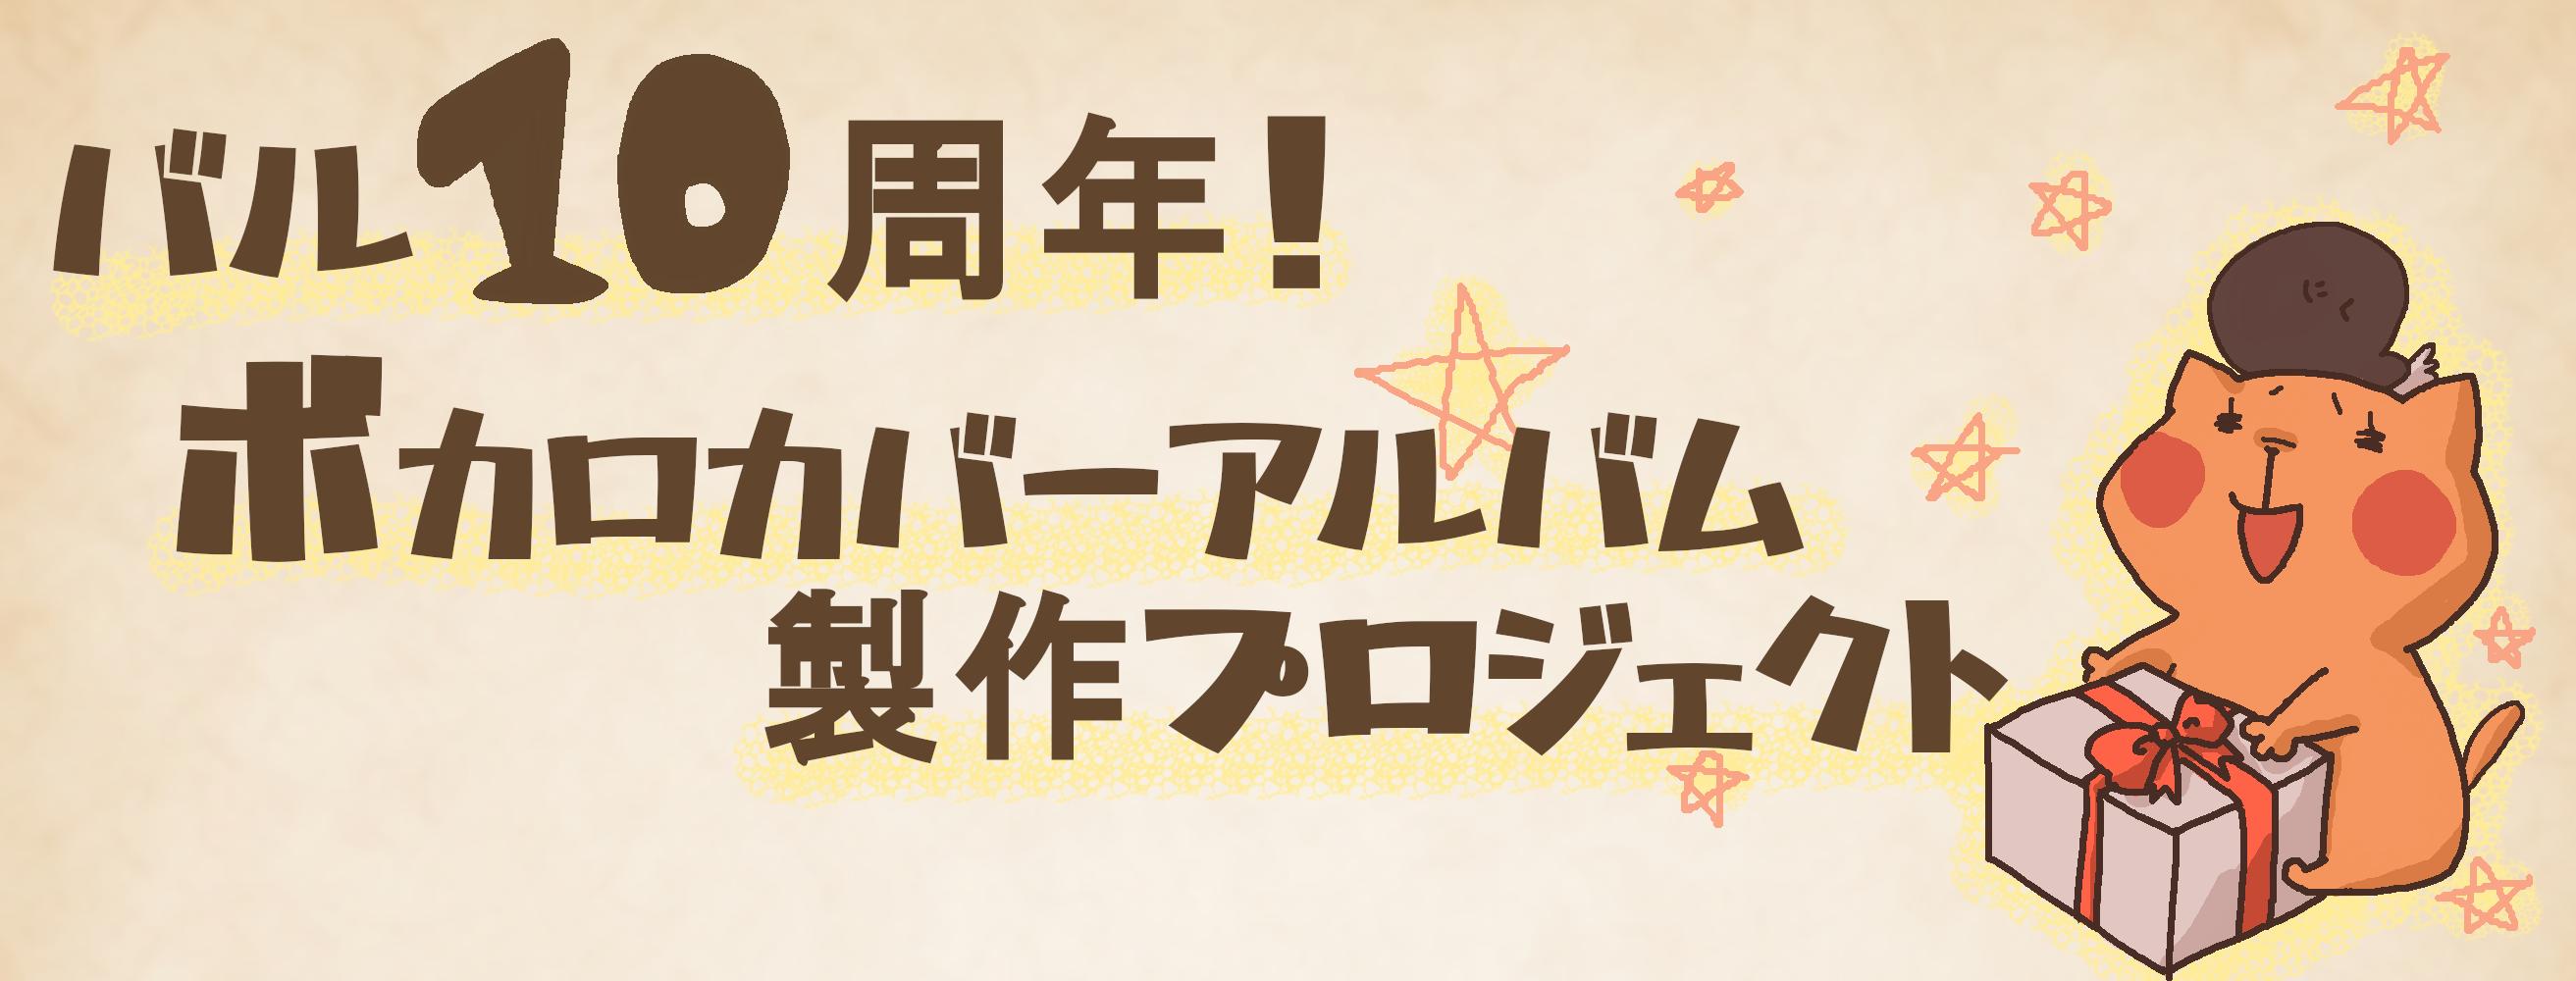 バル10周年記念 ボカロカバーアルバム製作 プロジェクト!